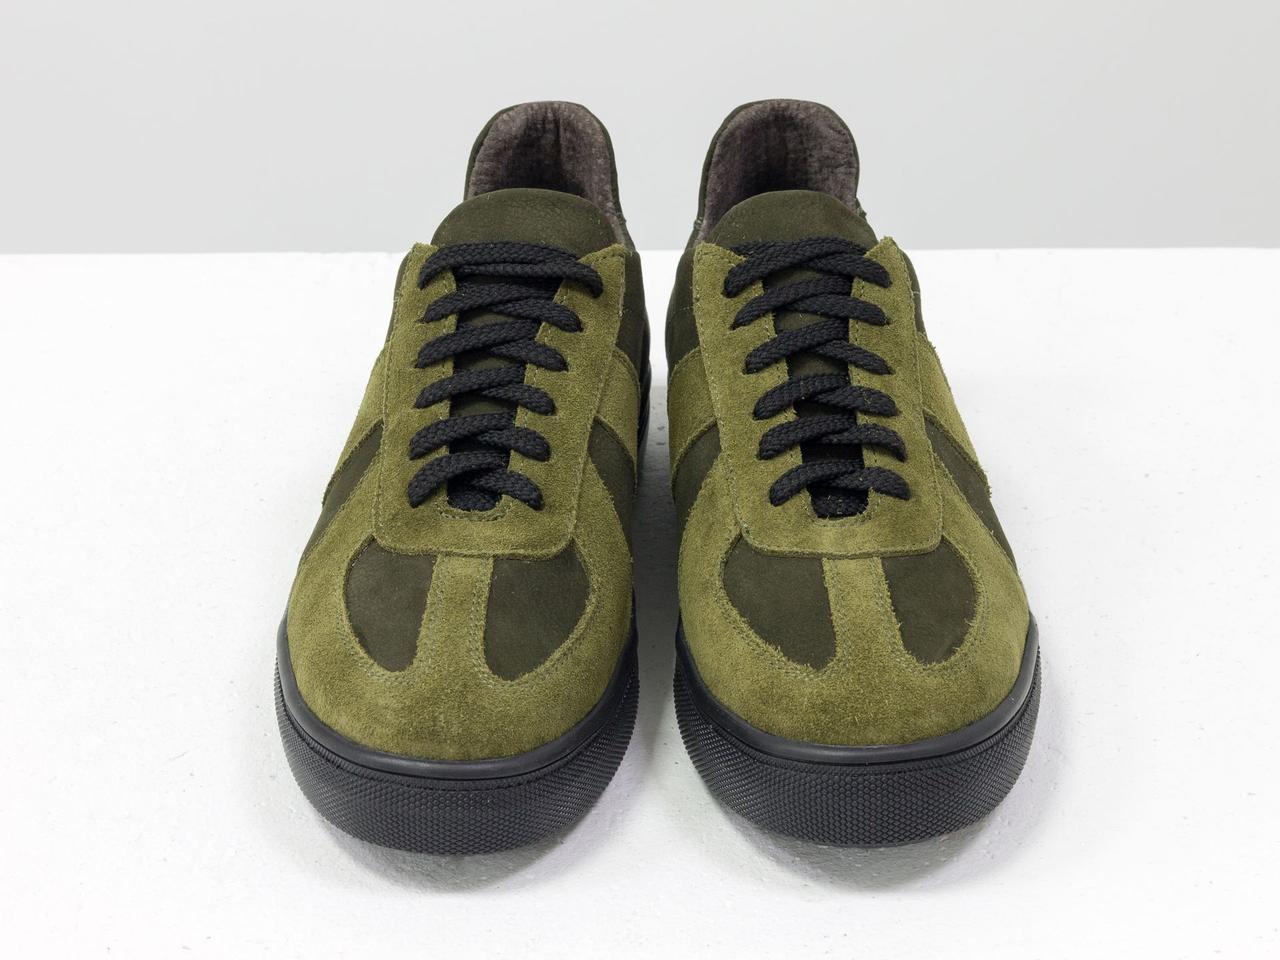 Стильные кроссовки из натуральной замши и матовой кожи оливкового и болотного цвета 41 - фото 8